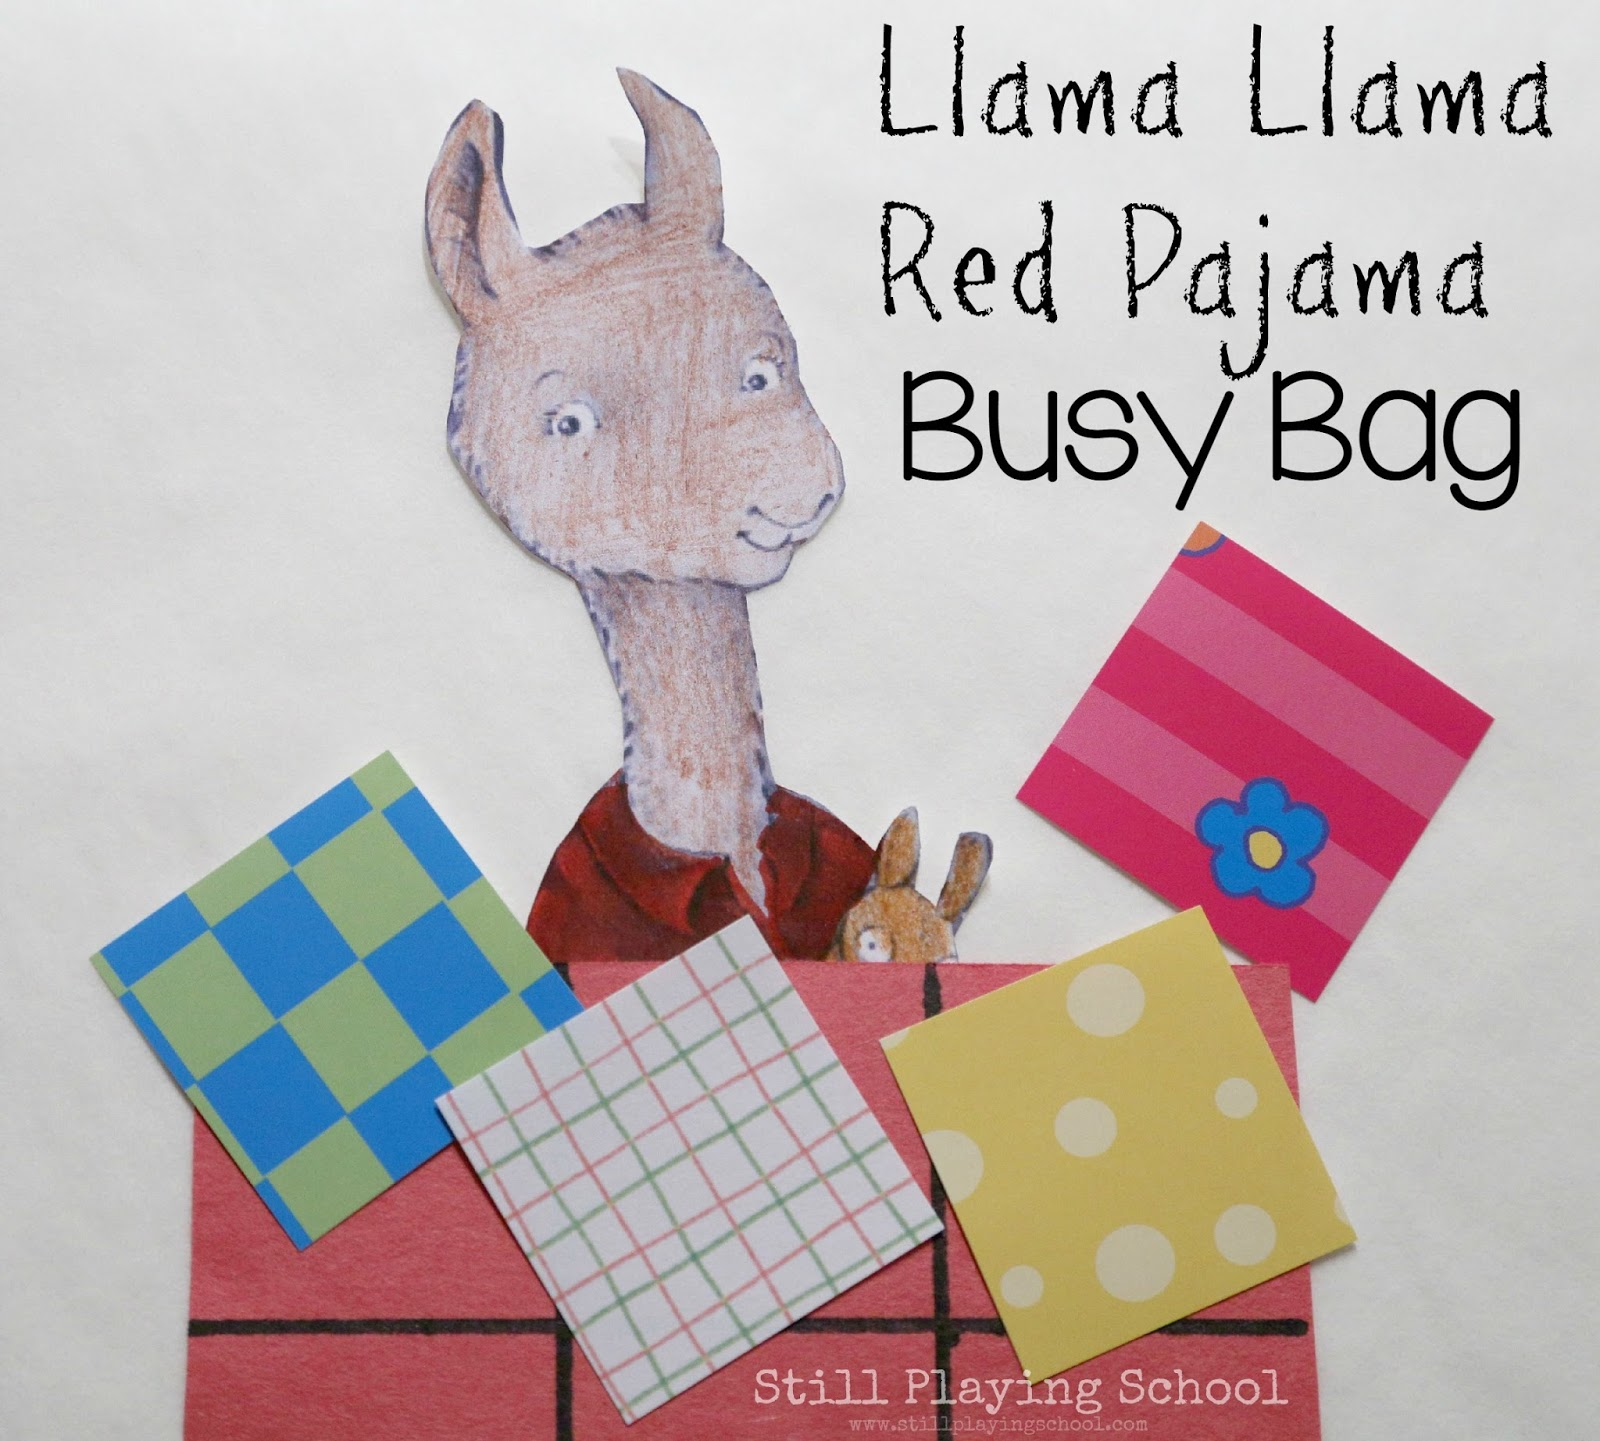 Llama Llama Red Pajama Busy Bag Still Playing School